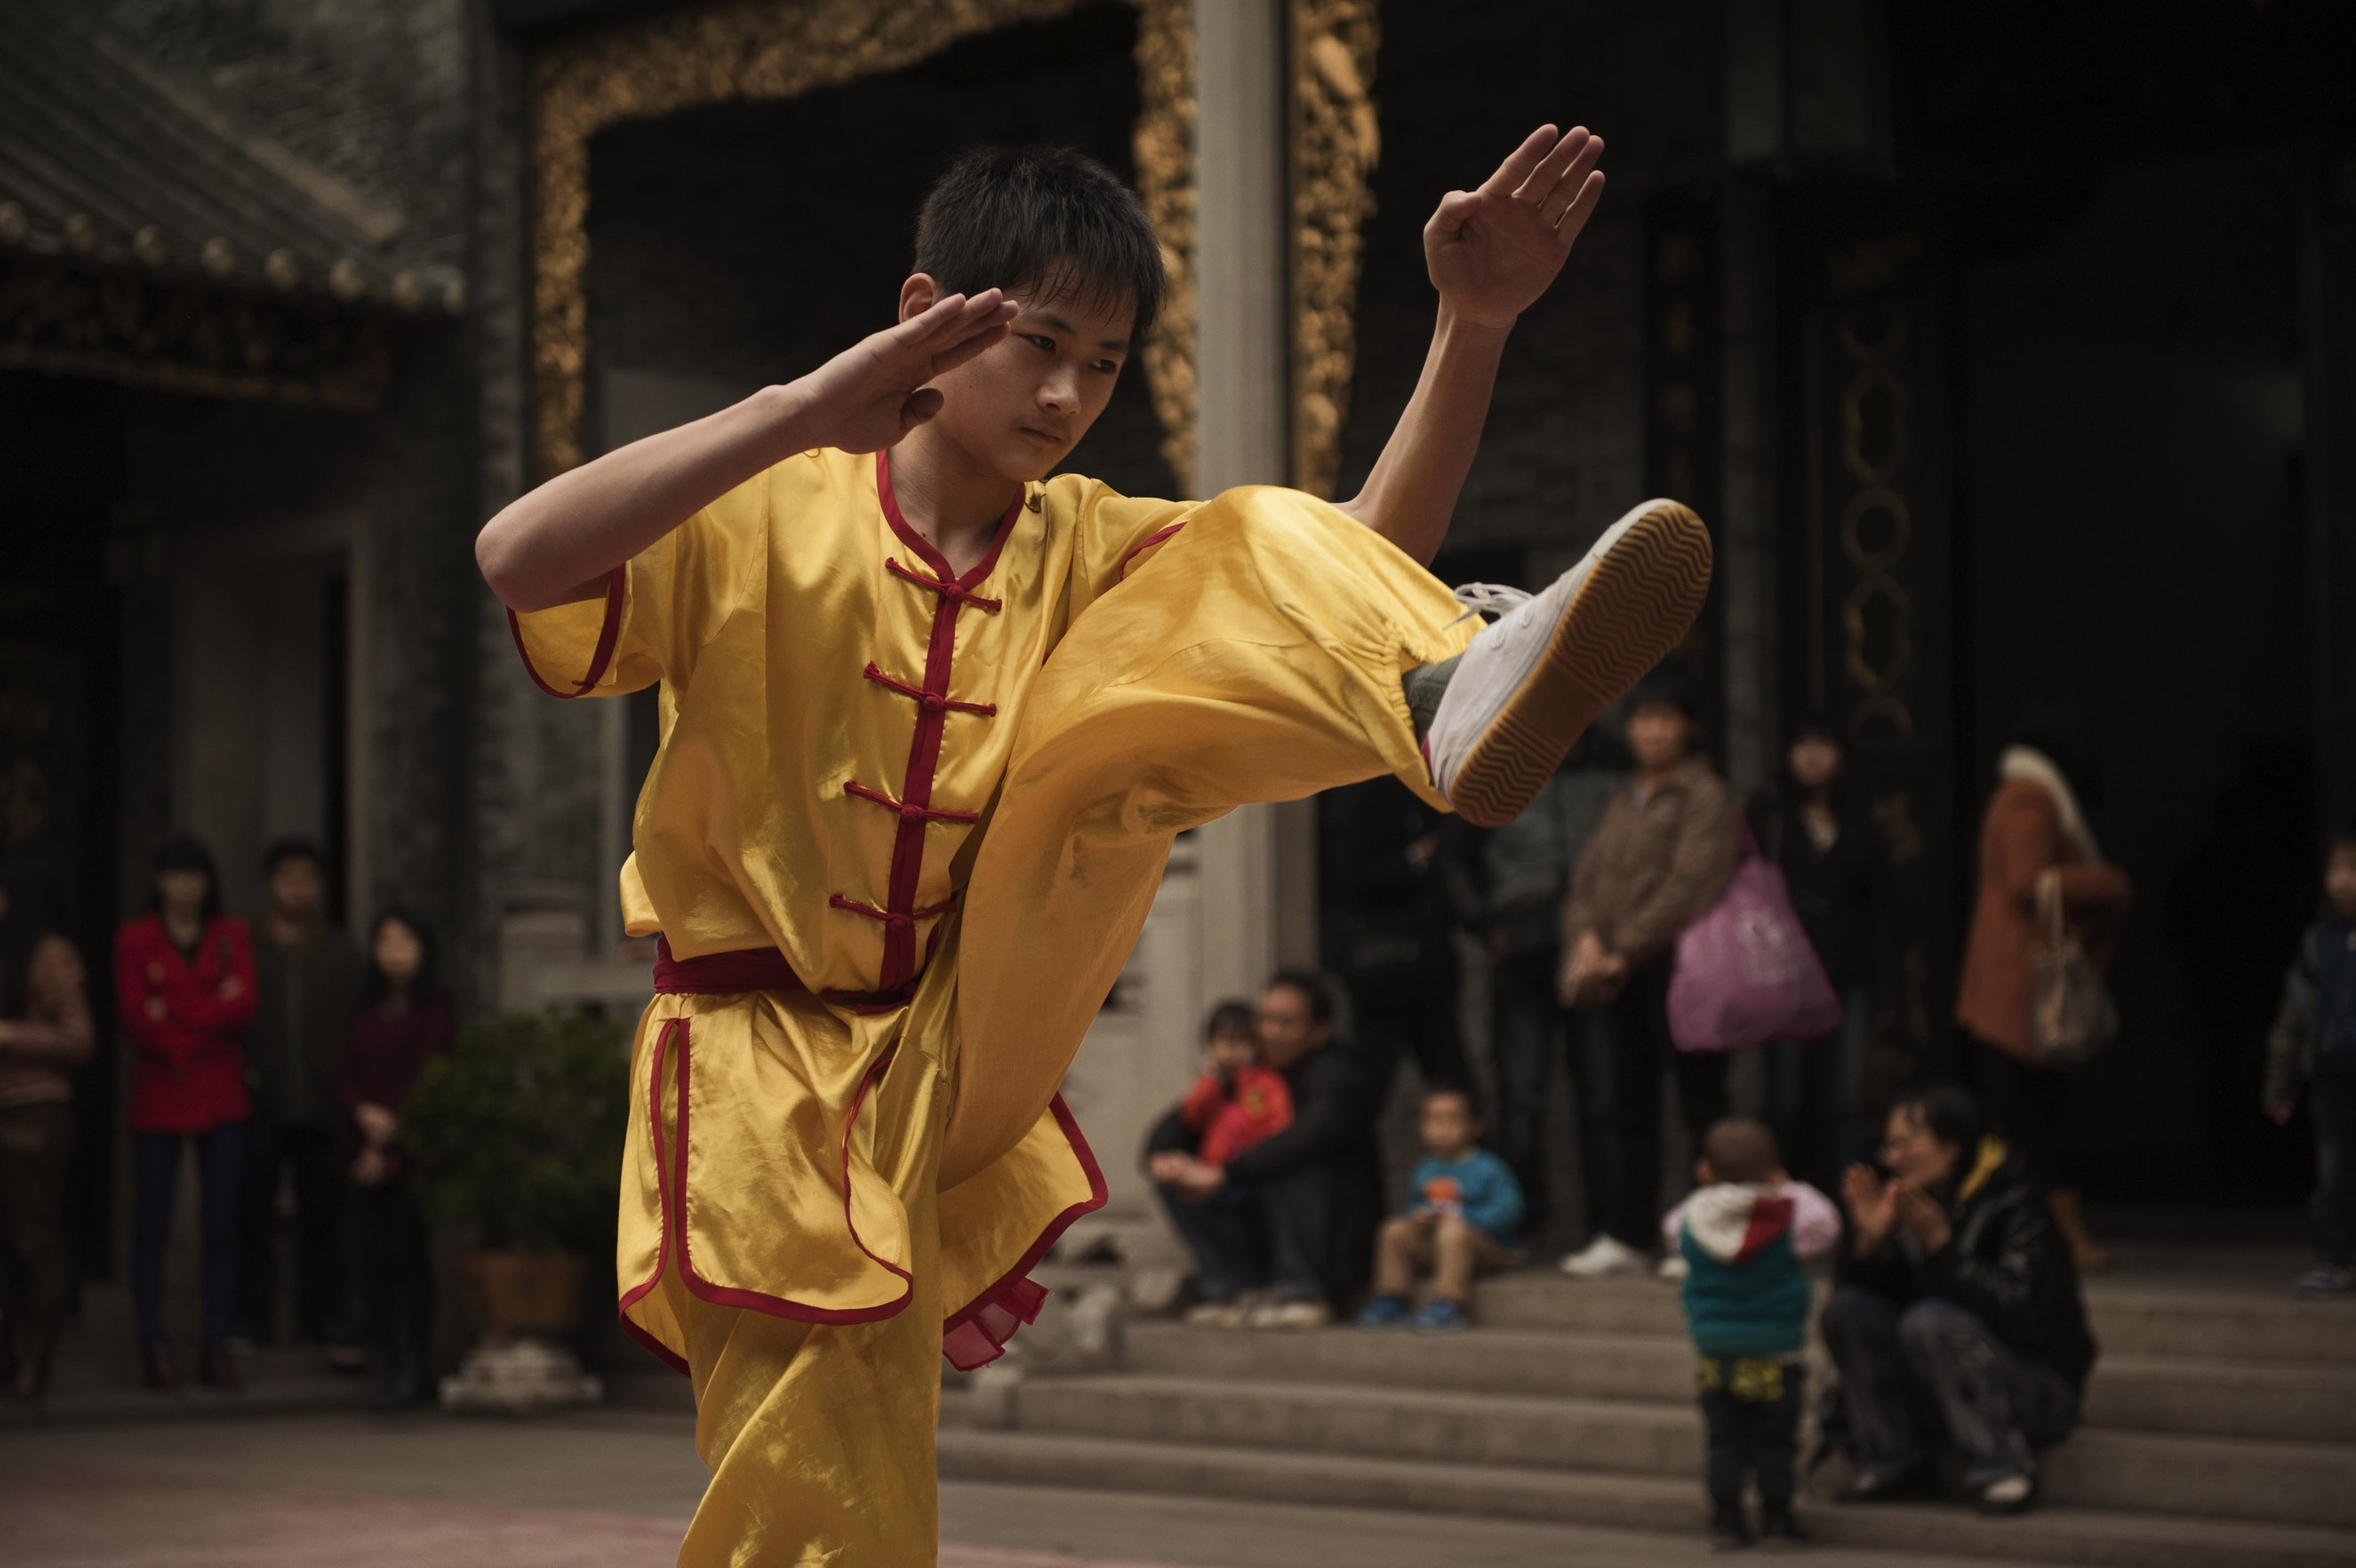 Guangzhounaut at LingnanTiandi Foshan Jamie Lowe Photography 2014-1-4.jpg